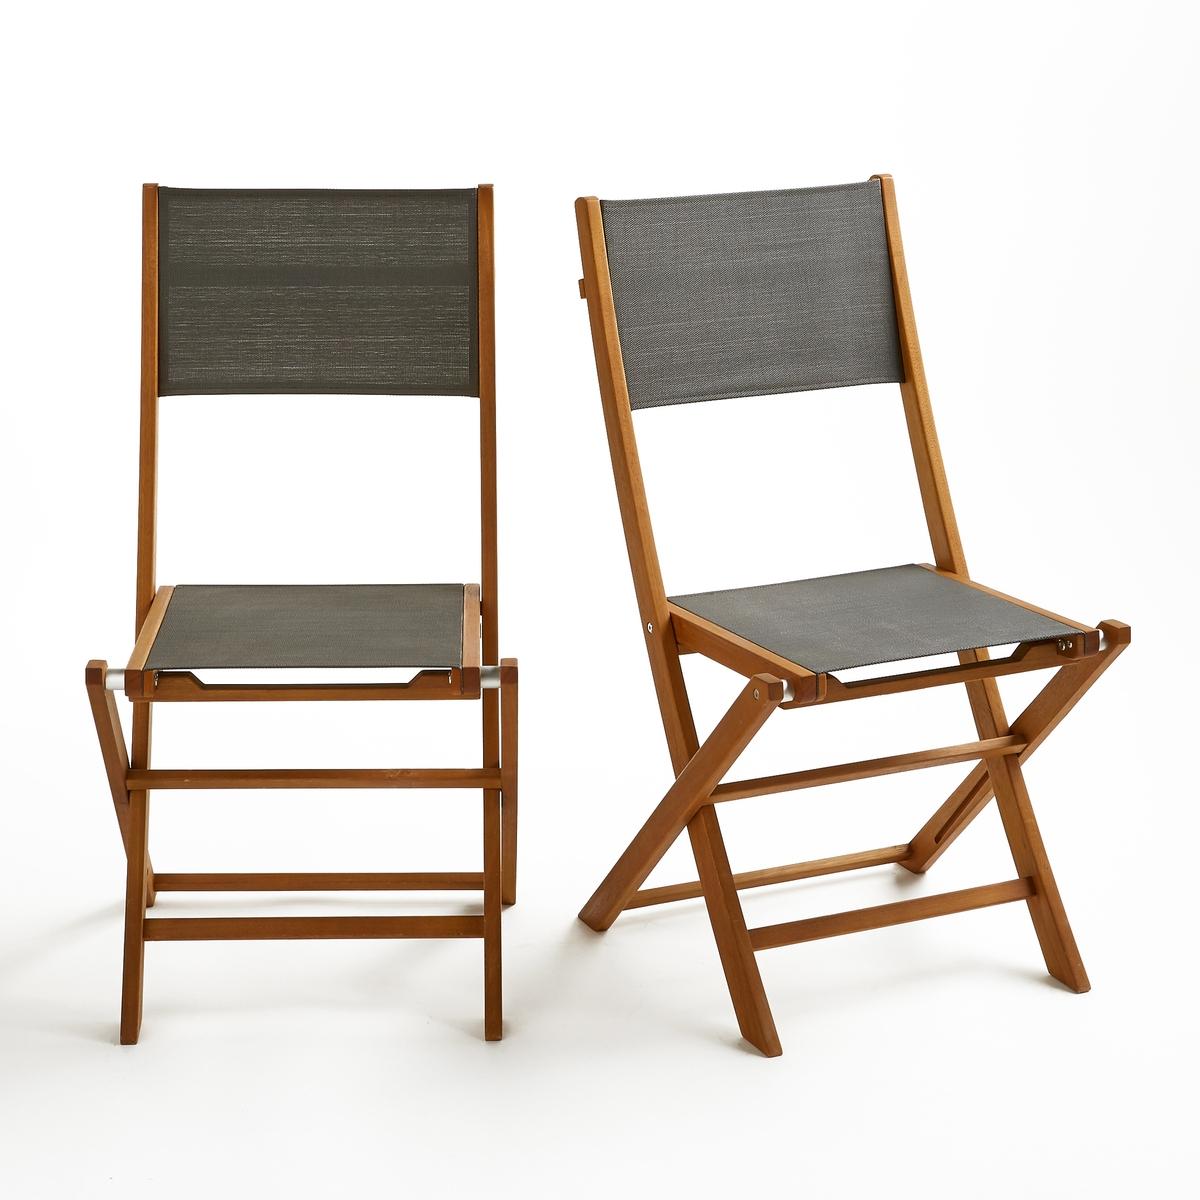 Комплект из 2 складных садовых стульев, Exodor